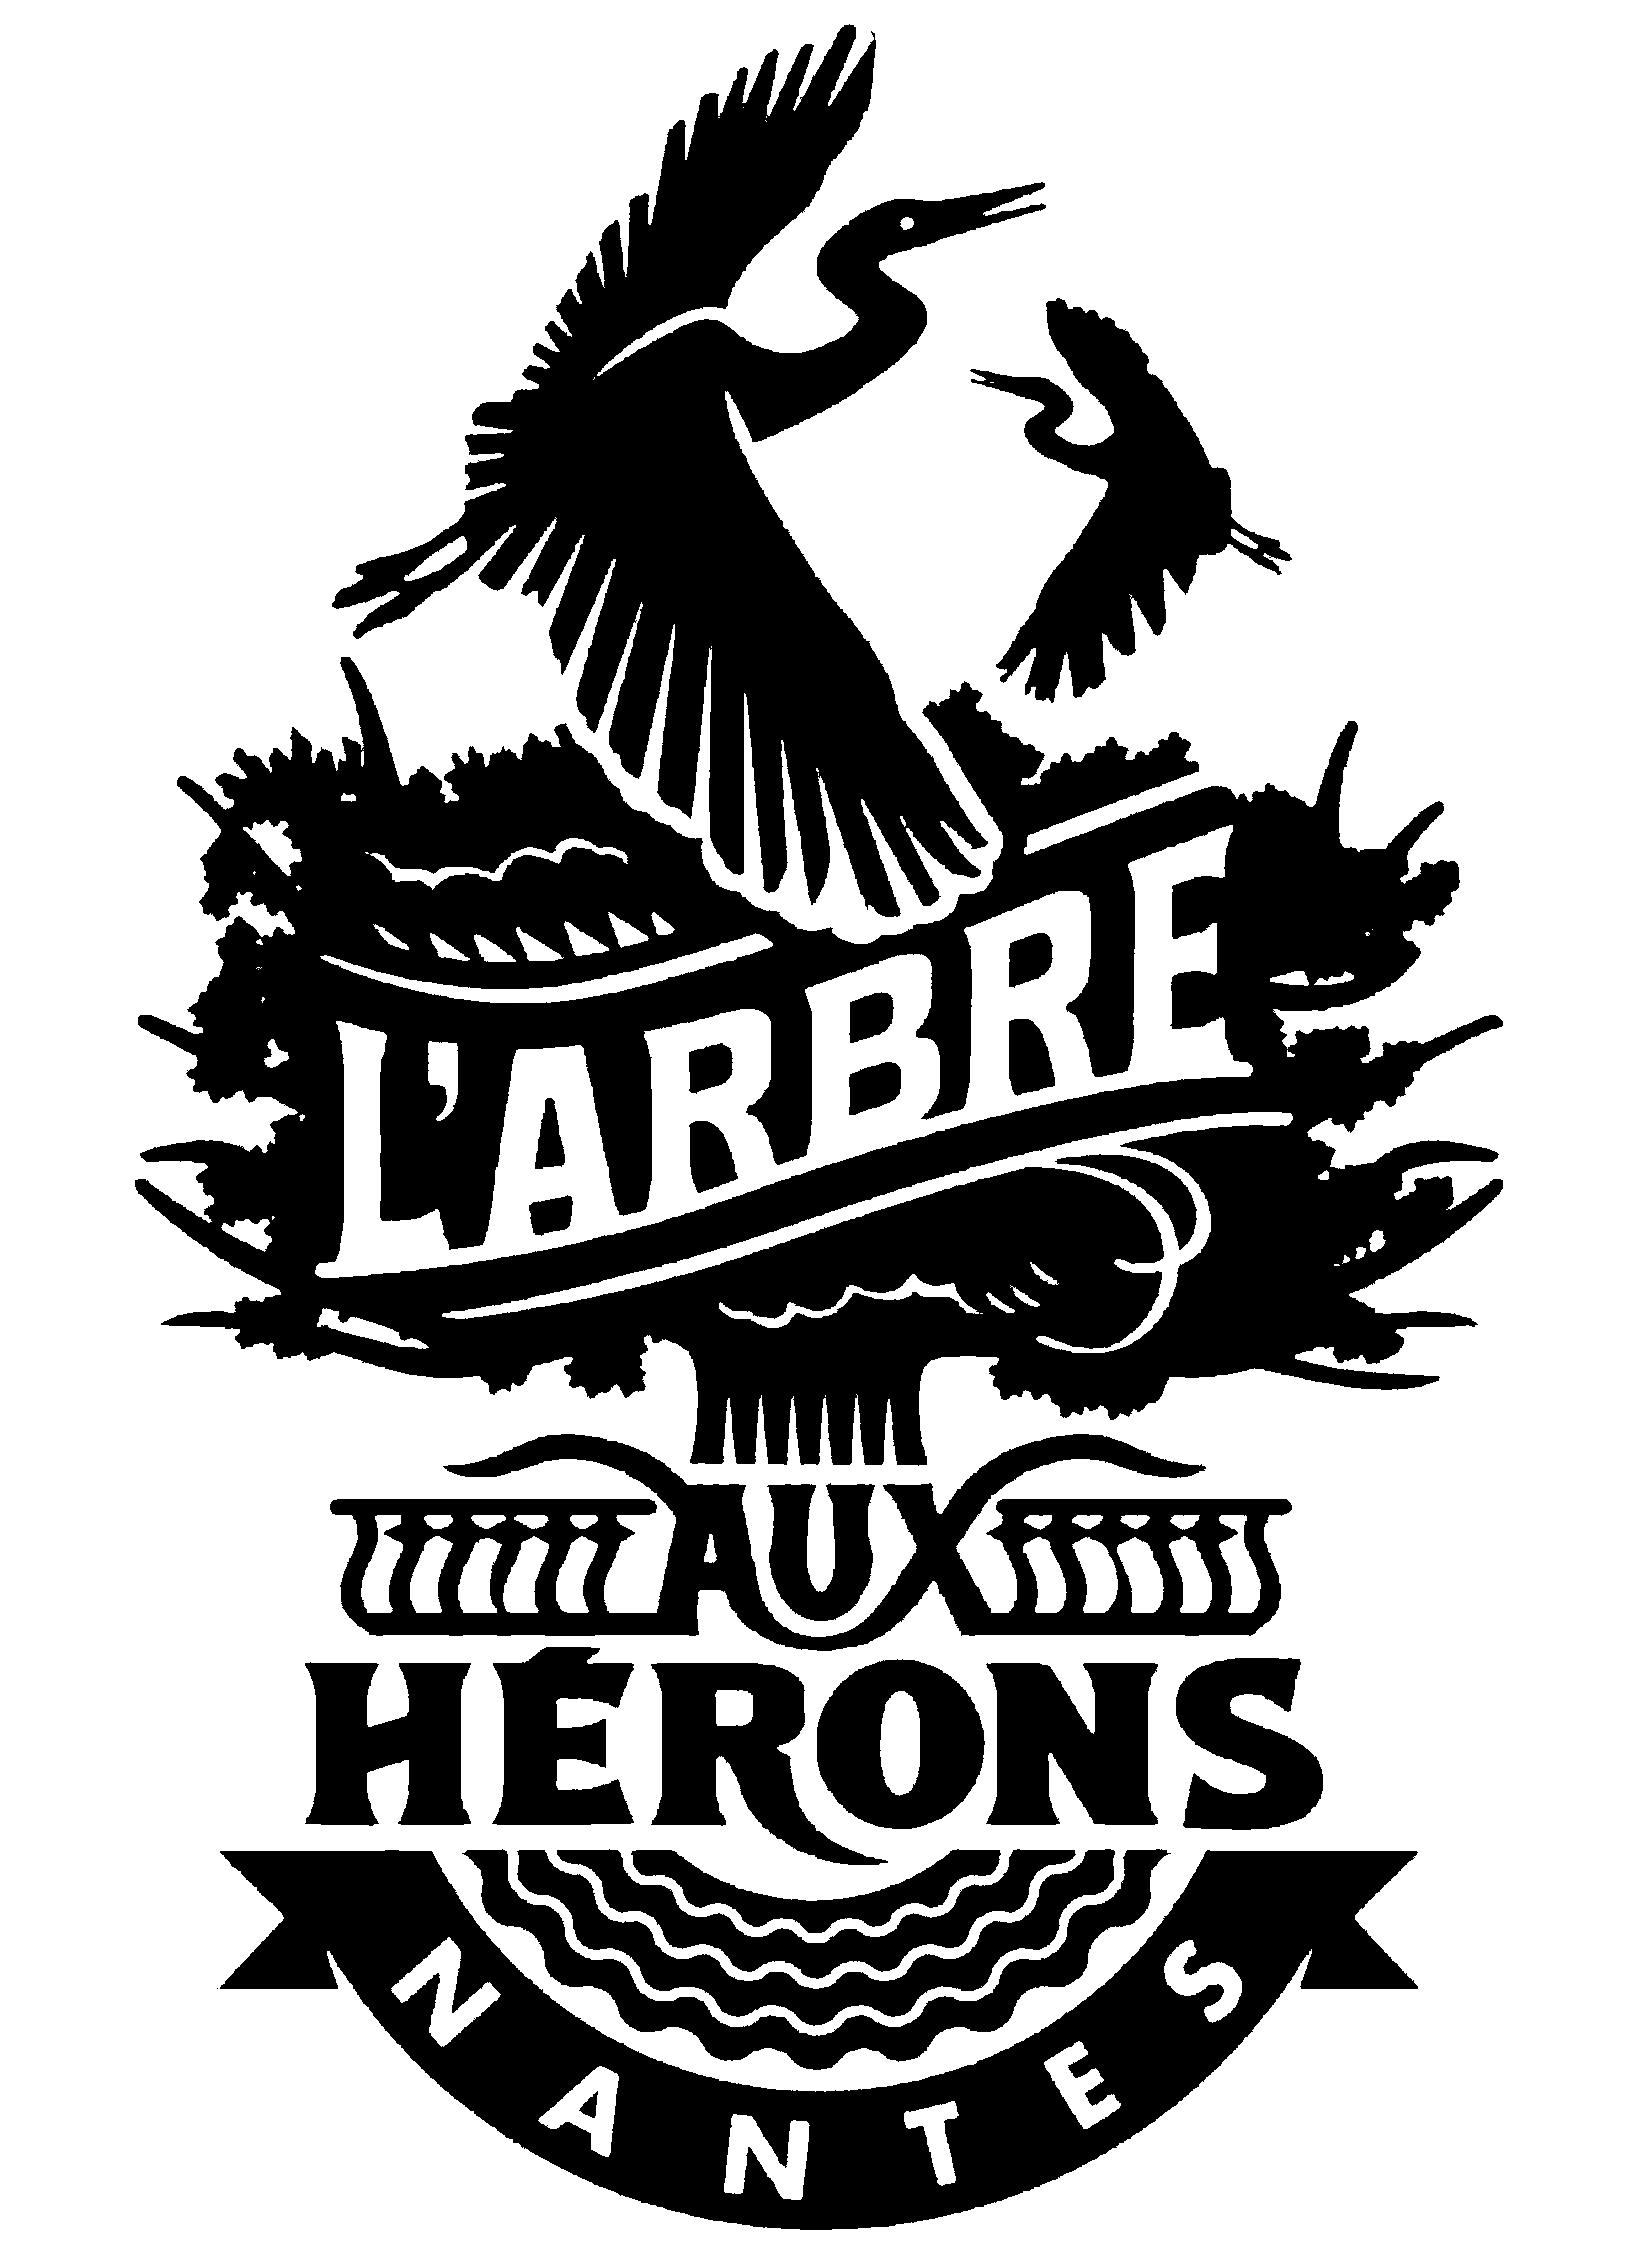 logo-arbre-heron-nantes-nb